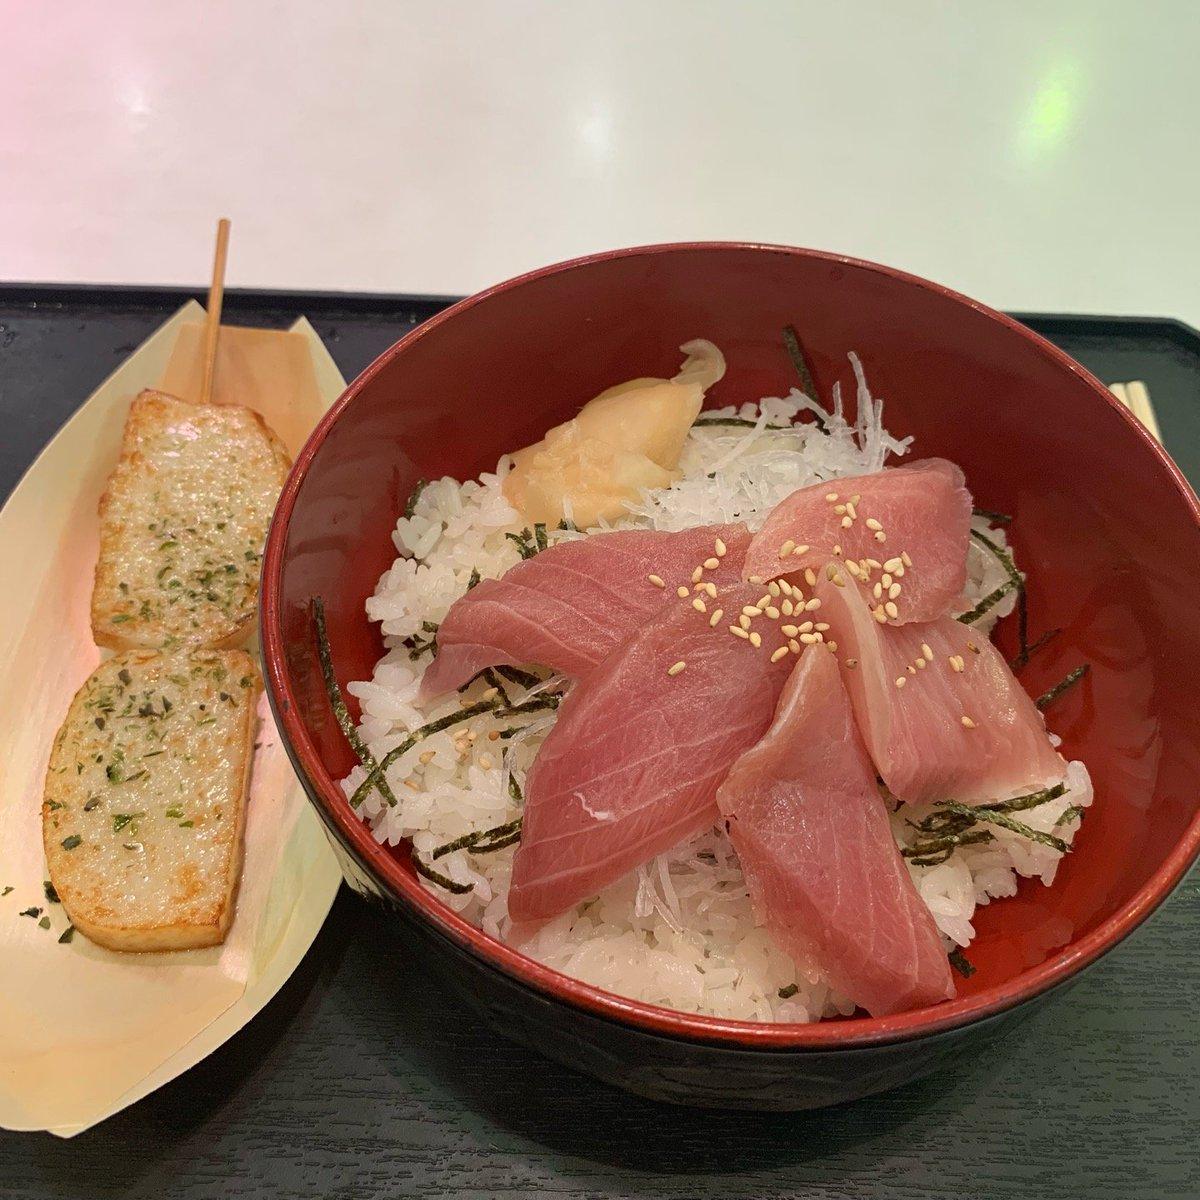 沼津みなと新鮮館 丸勘(ブリ丼、アジのかまぼこ)